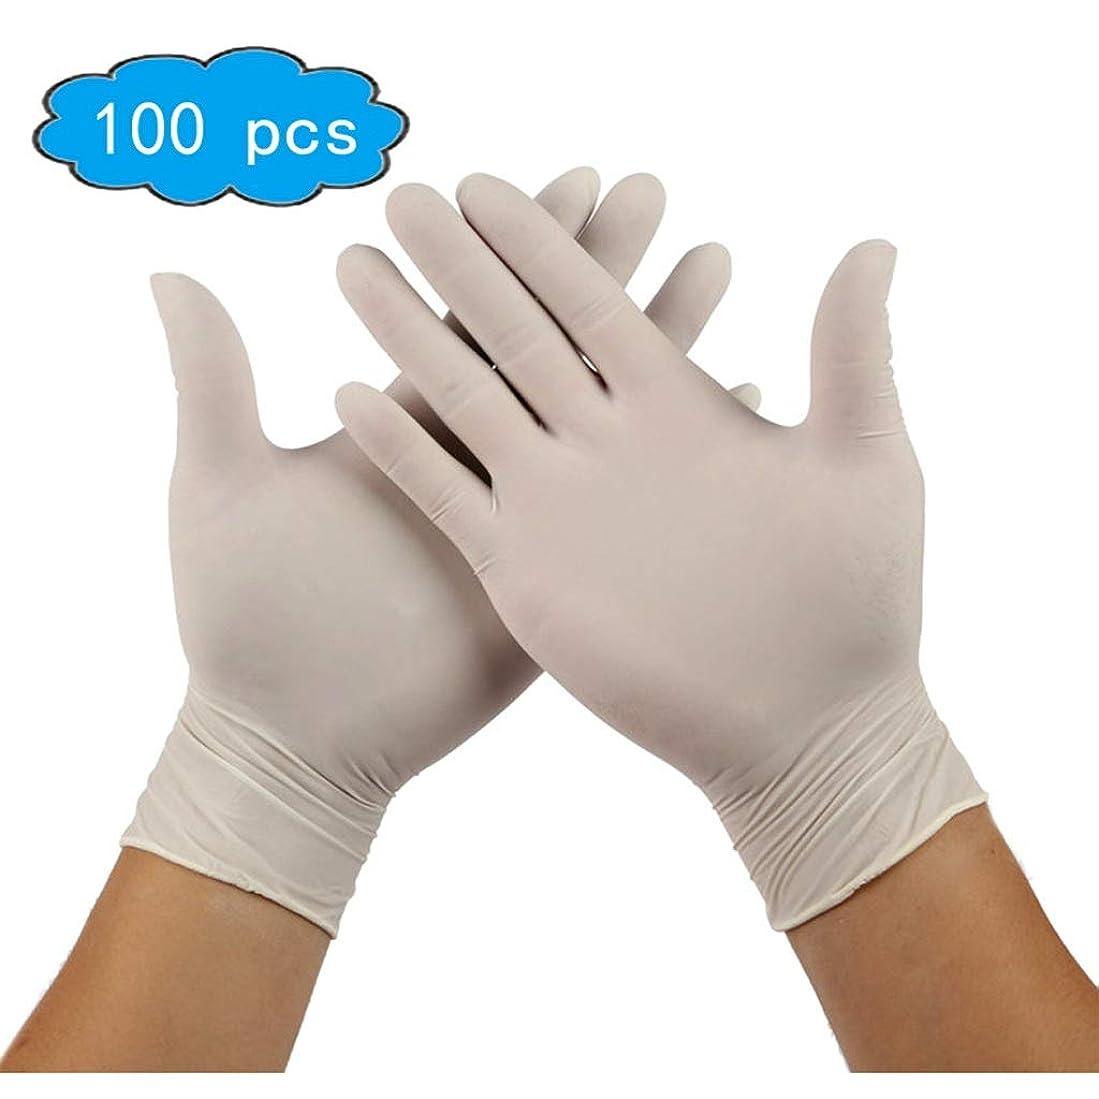 リフレッシュ行列勃起100 XS-XLサイズの使い捨てラテックス手袋、パウダーフリー、スムースタッチ、食品サービスグレード、使い捨て手袋食品 (Color : White, Size : L)